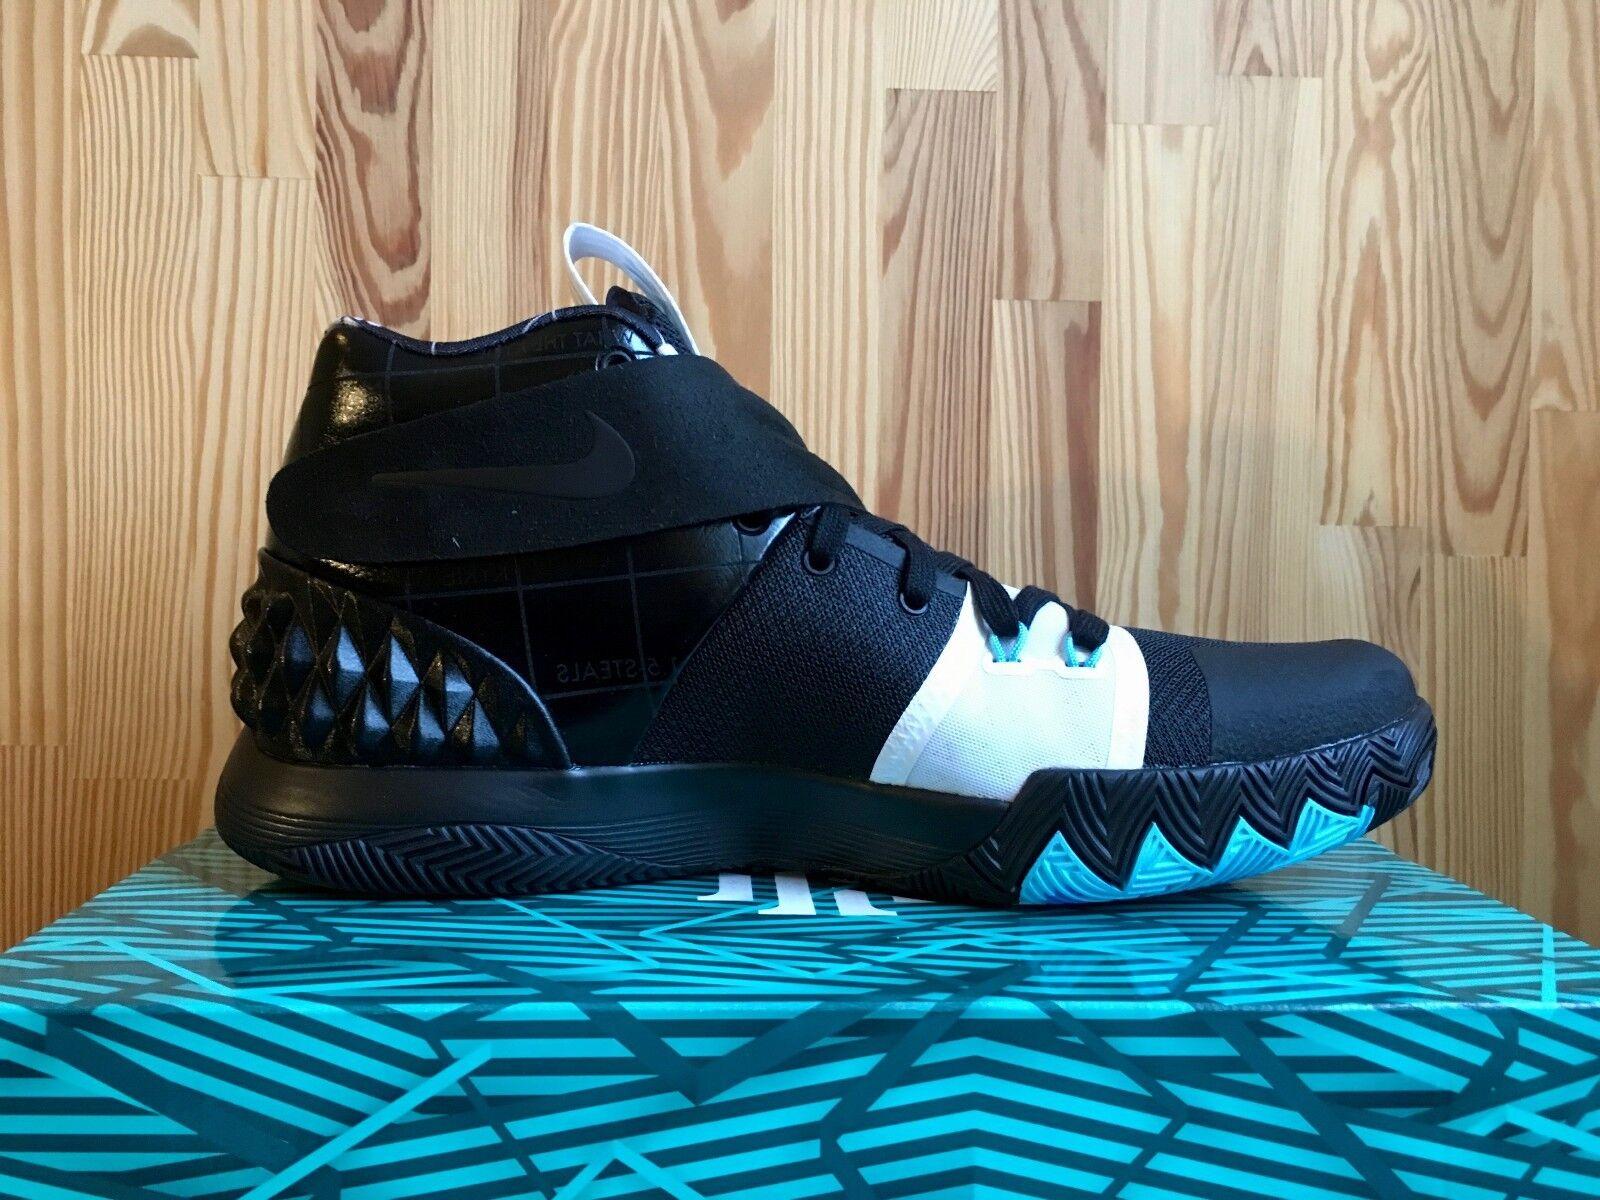 DS Nike Kyrie S1Hybrid Europe Ed. EU 45 11 10 II 1 2 3 I II 10 III Irving MM Celtics a47b76